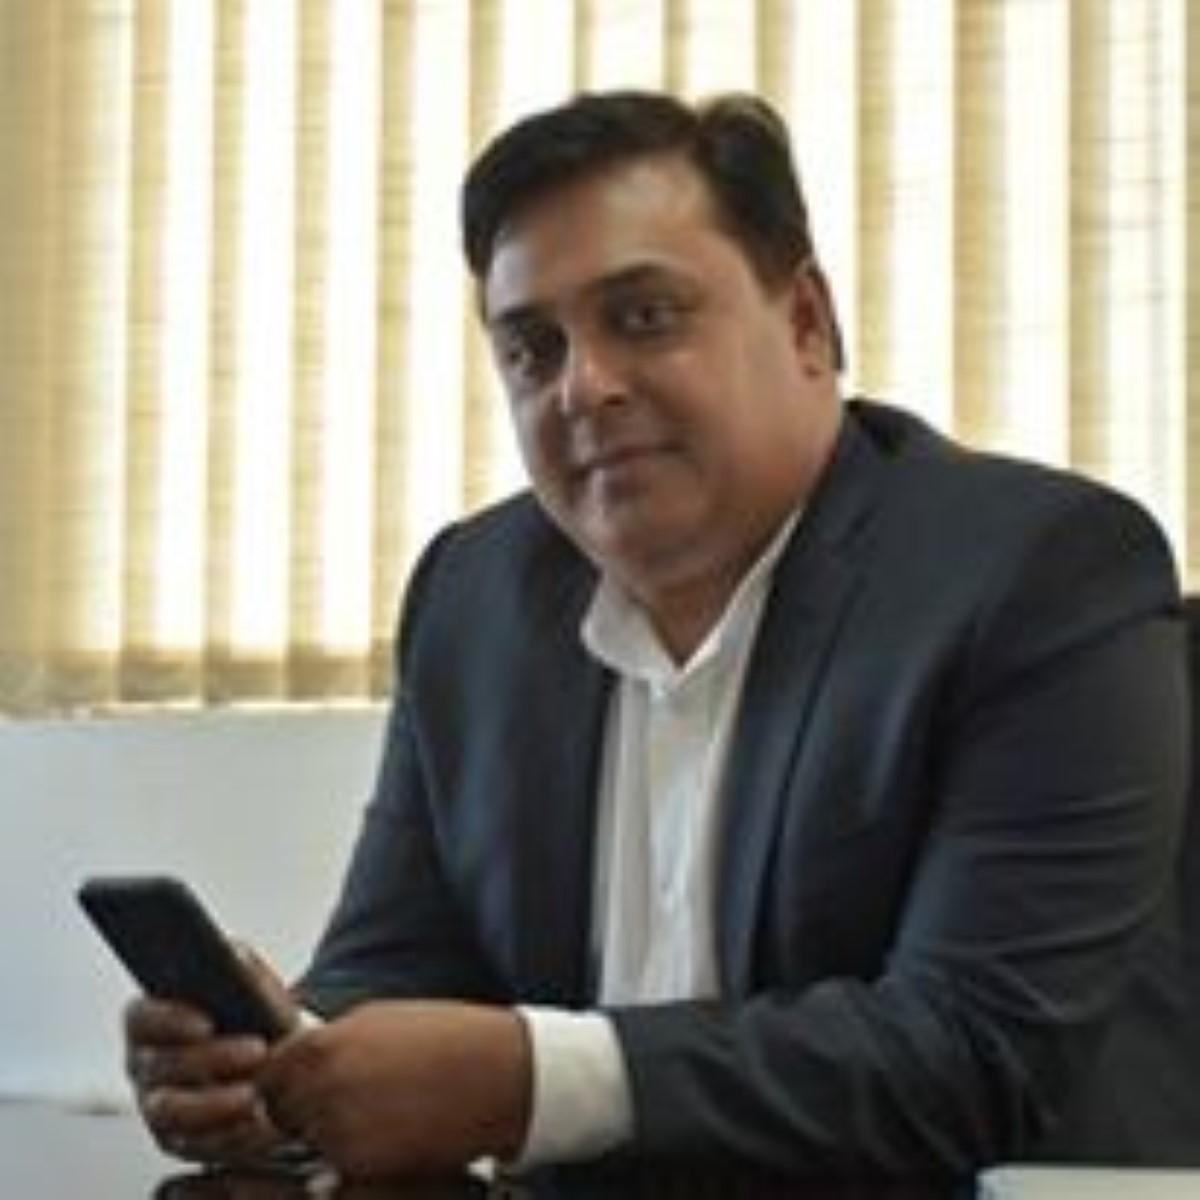 Drame en mer : Samad Goolamaully soutient qu'il y a matière à entamer des poursuites pour homicide involontaire